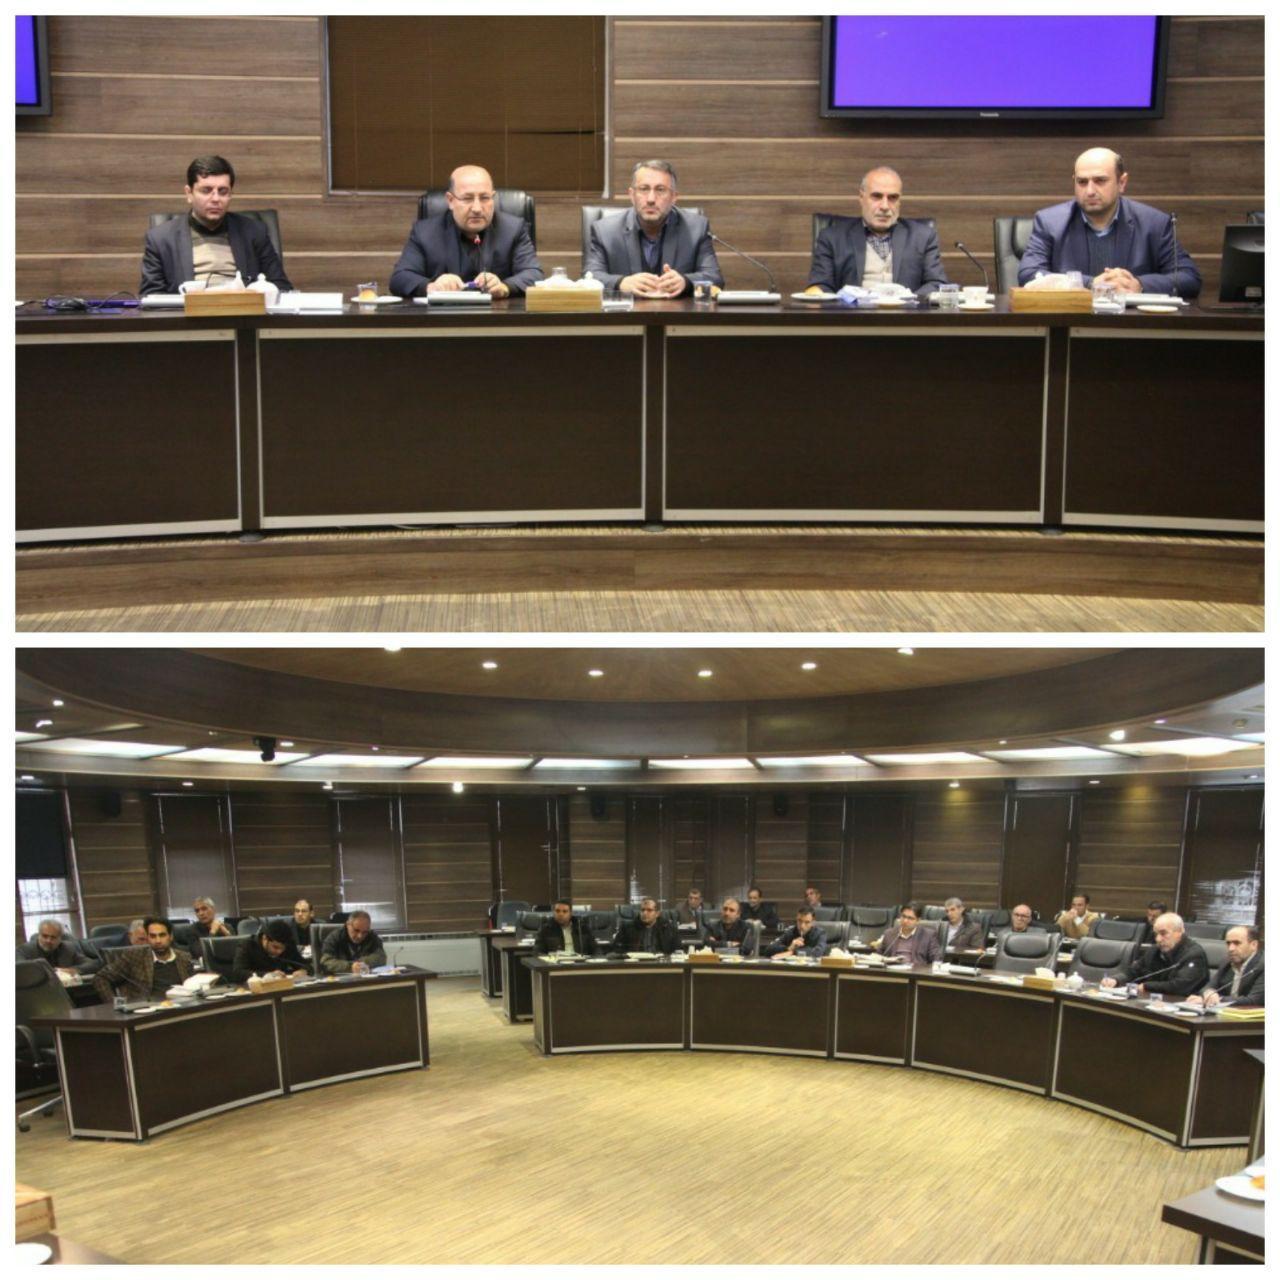 2117 شعبه اخذ رای در آذربایجان غربی برای جمع آوری آرای مردم در نظر گرفته شده است